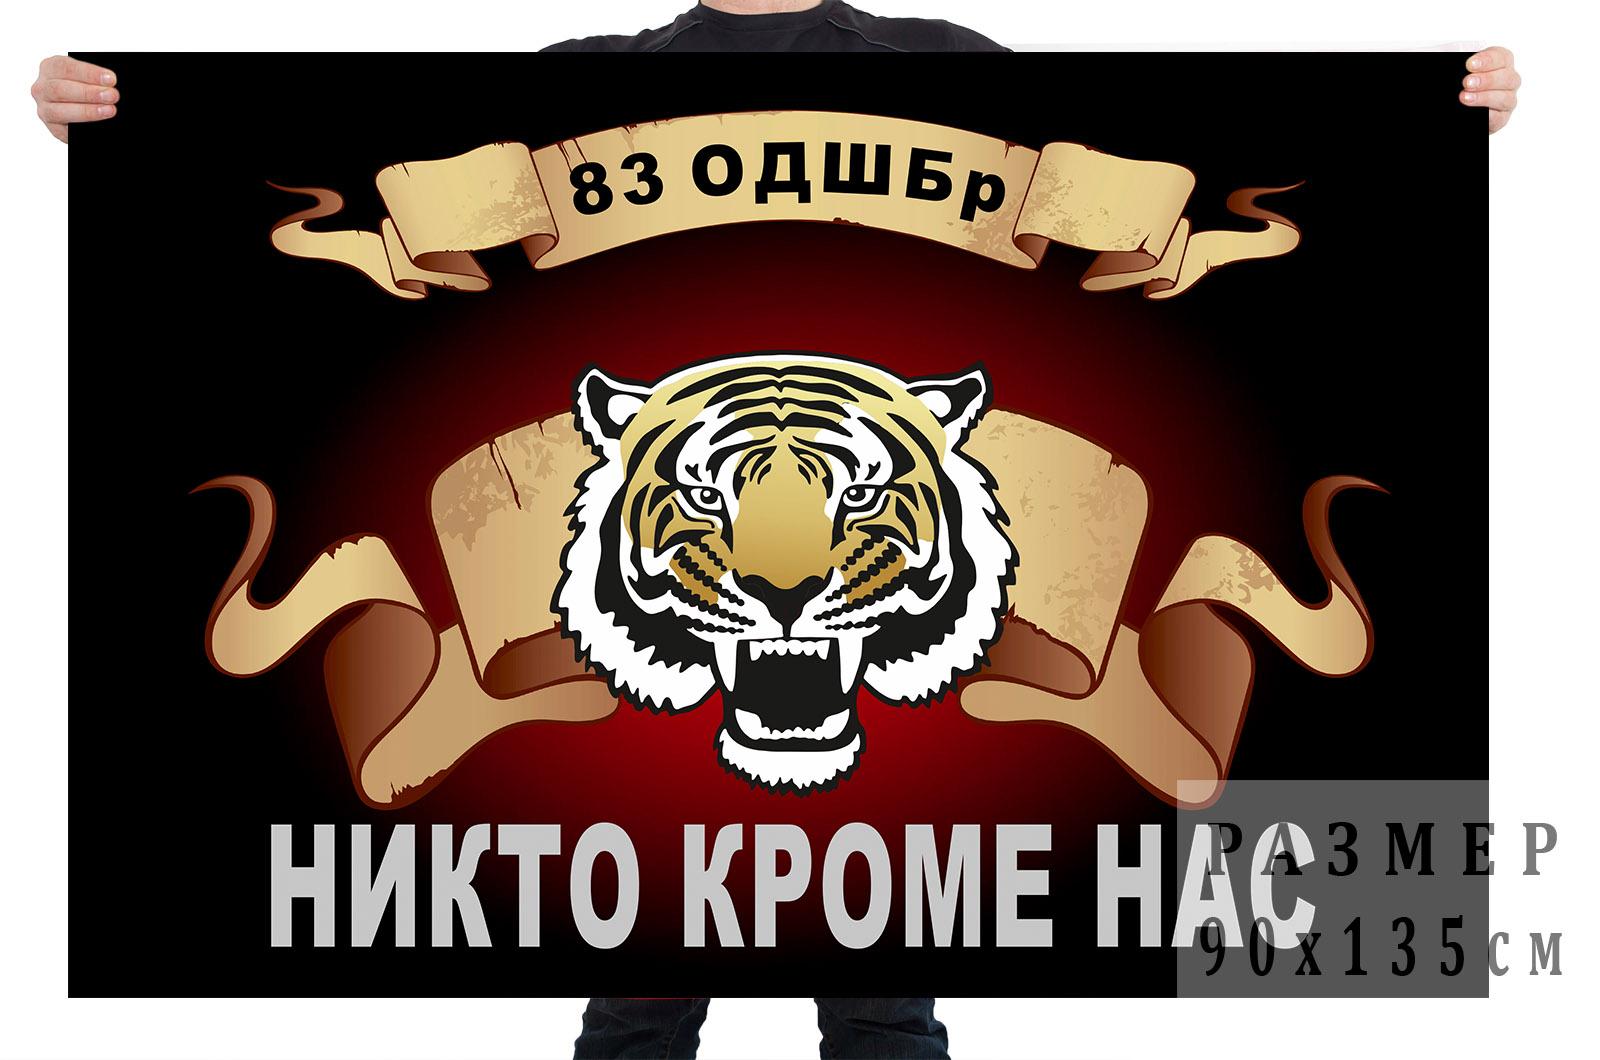 Флаг 83 отдельной десантно-штурмовой бригады с головой тигра